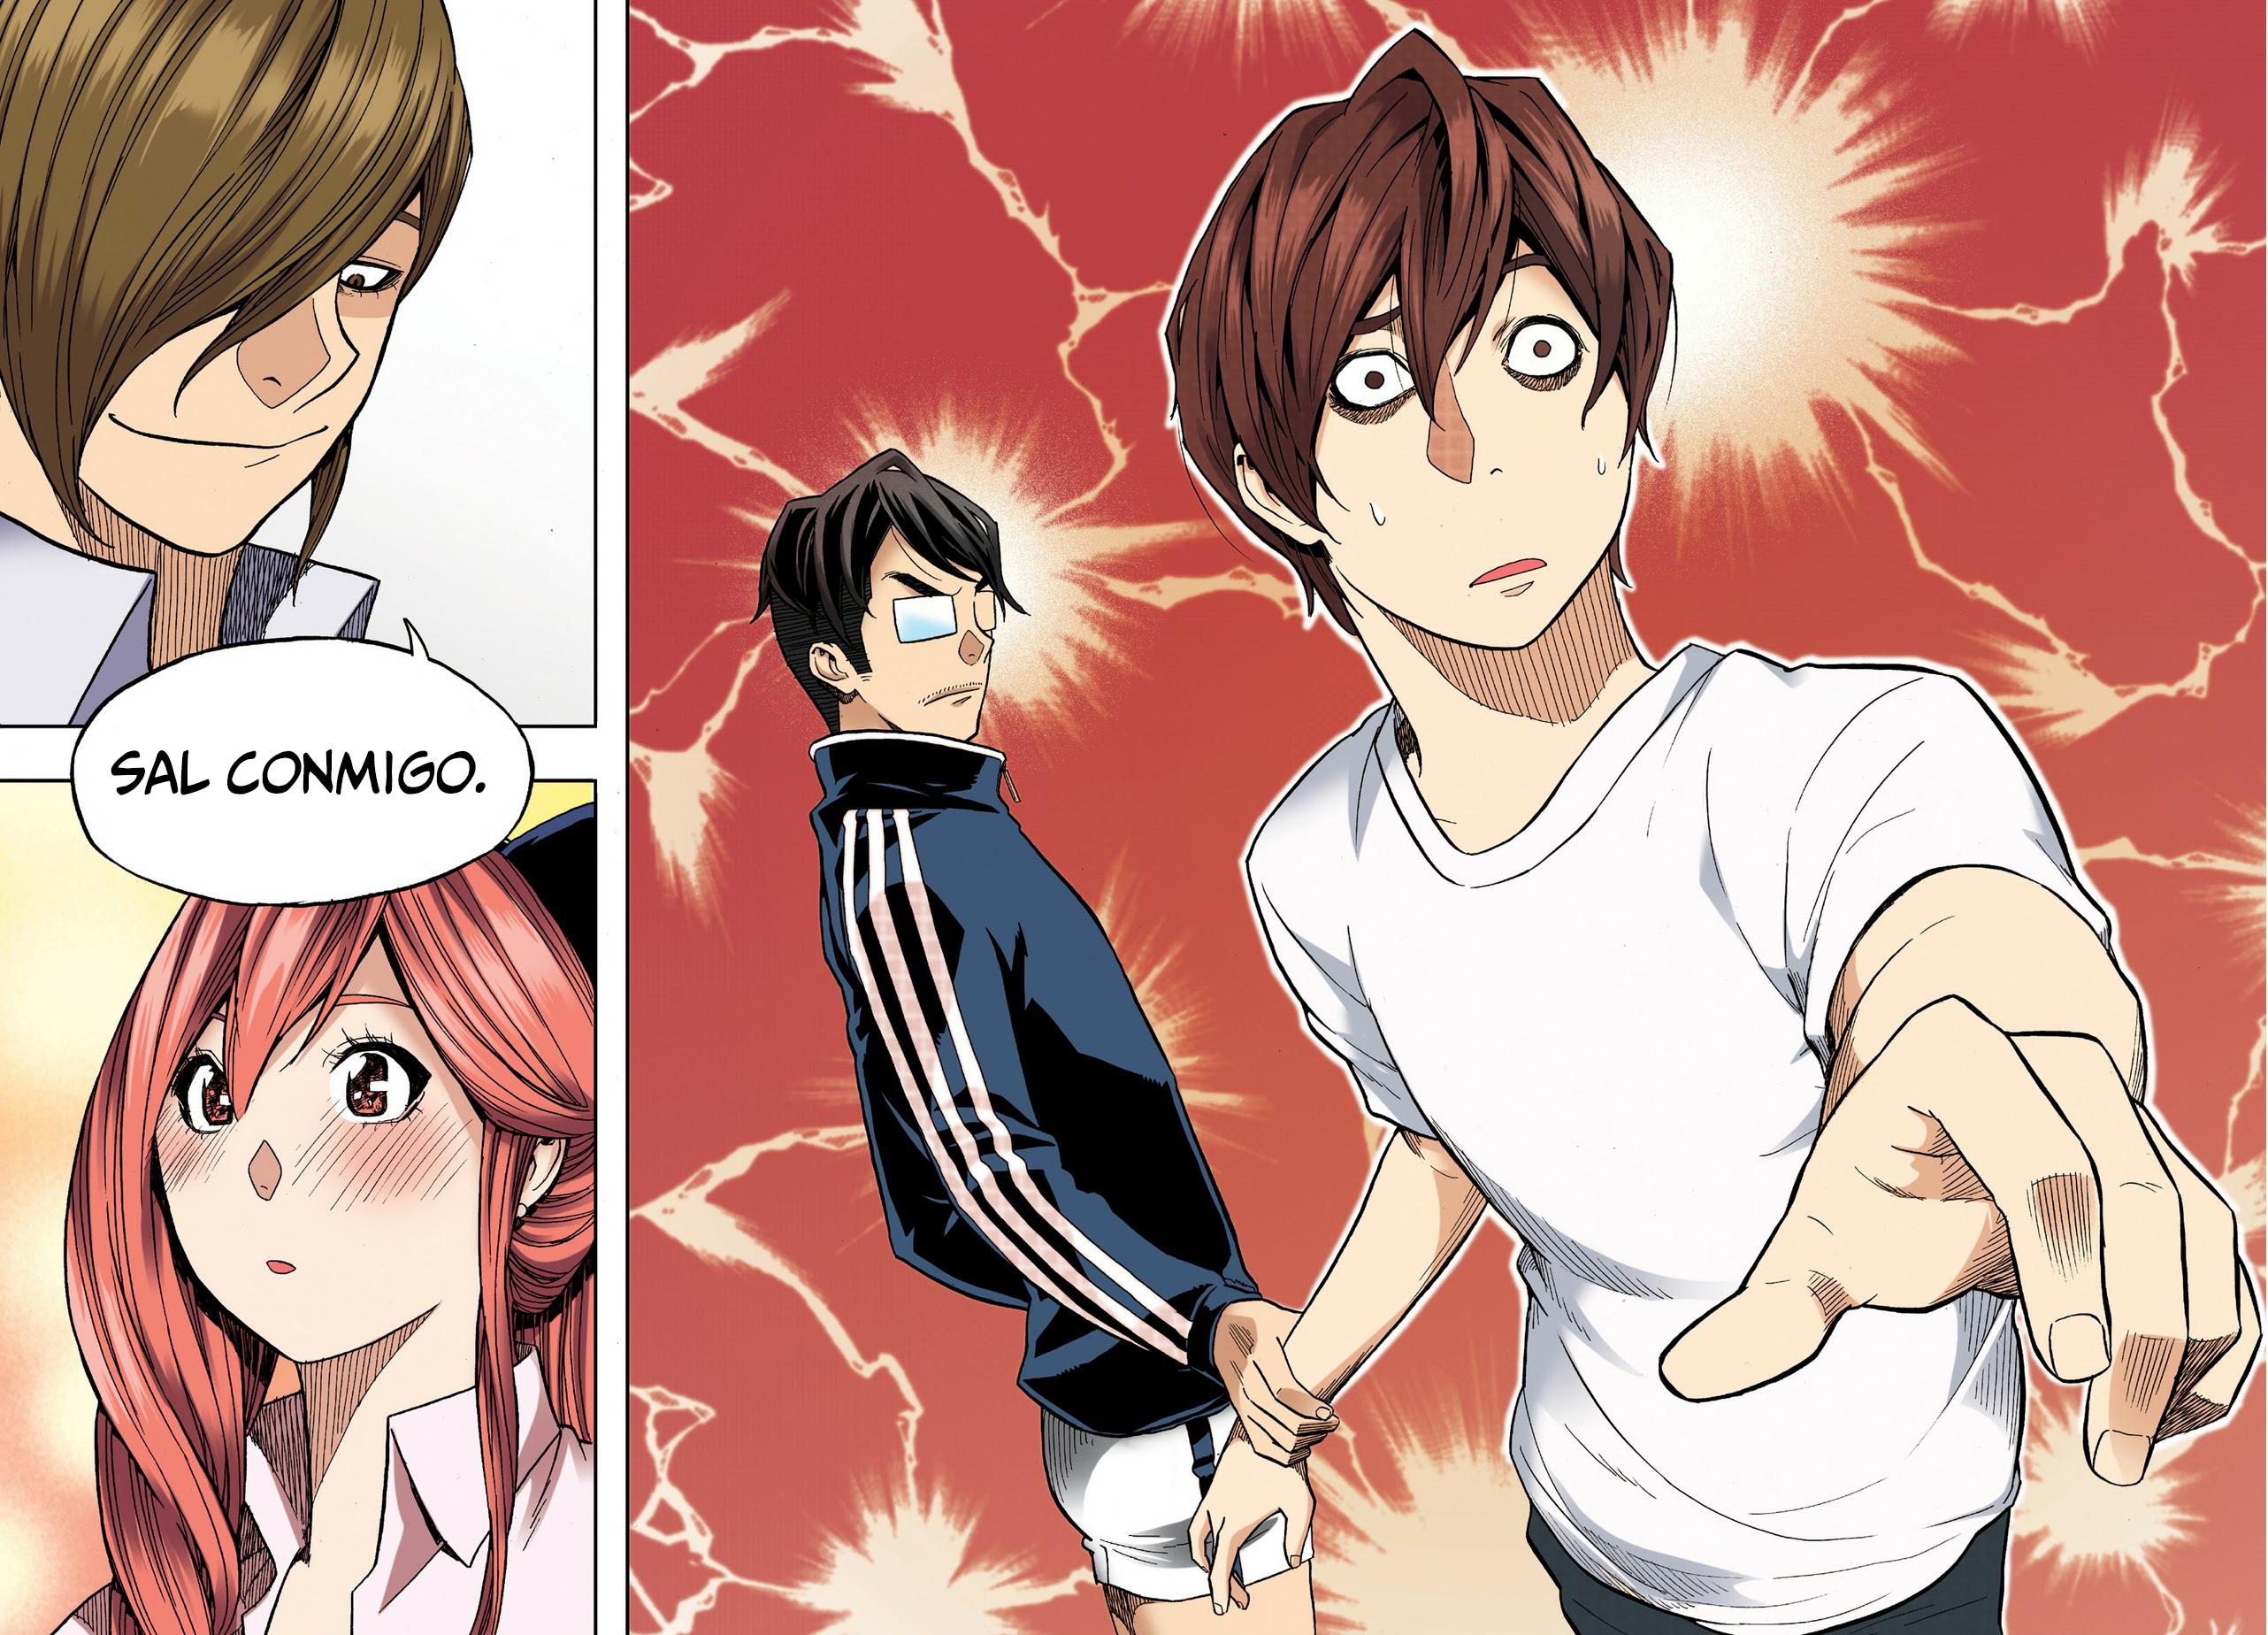 https://c5.ninemanga.com/es_manga/11/14923/418292/1517ca975e0eeb7a0833cf577619dd02.jpg Page 4